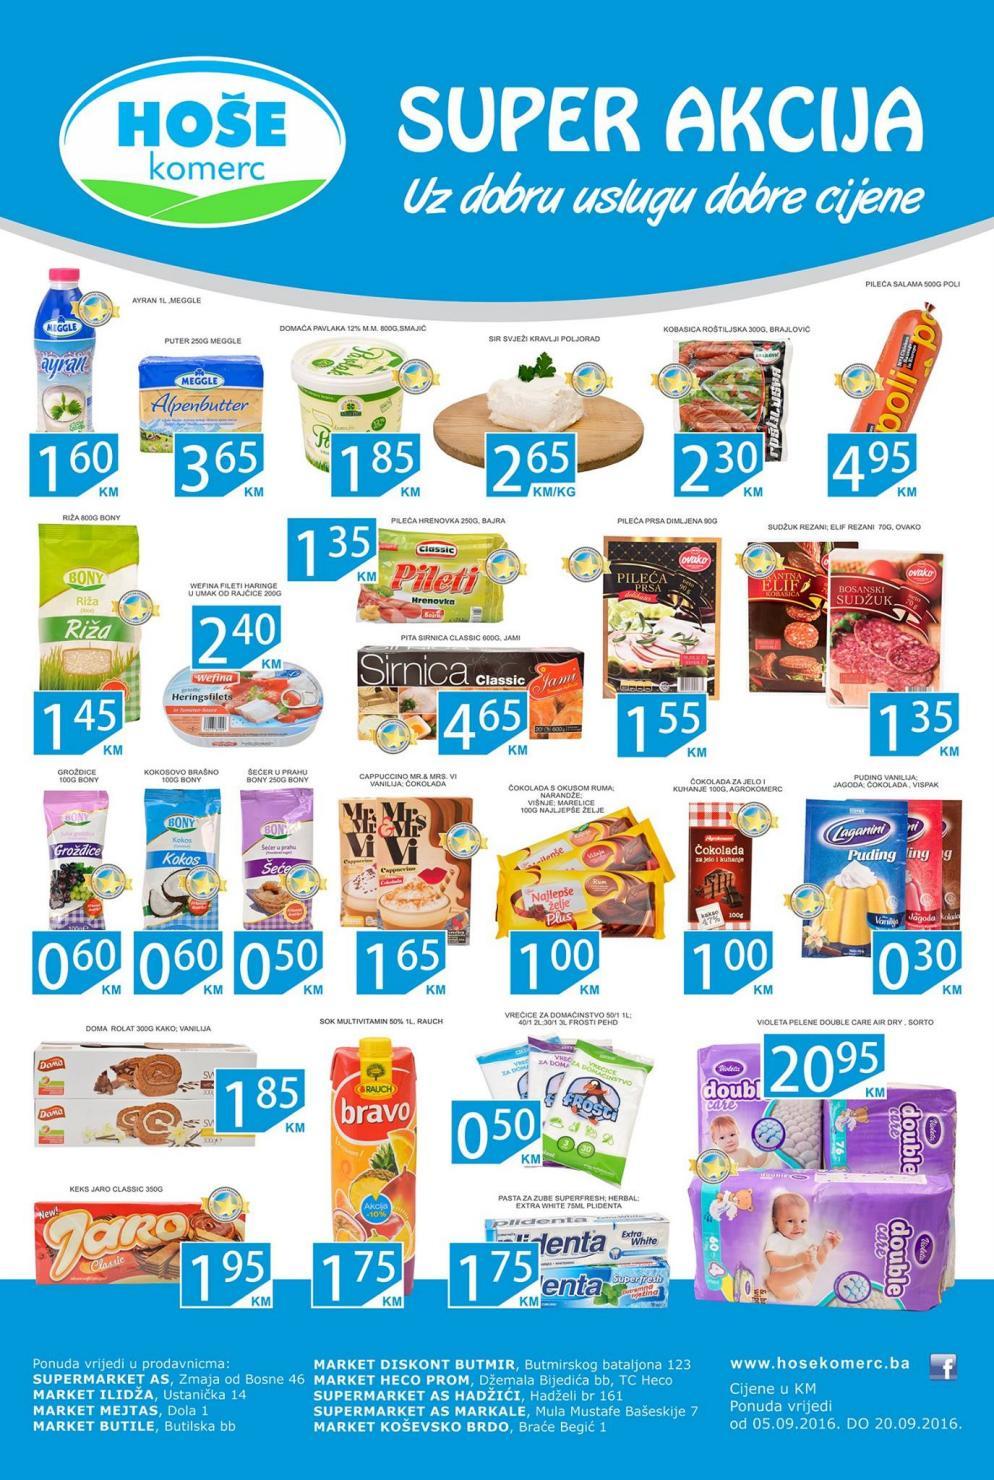 Nova super akcija u Hoše komerc supermarketima od 05.-20.09.2016.